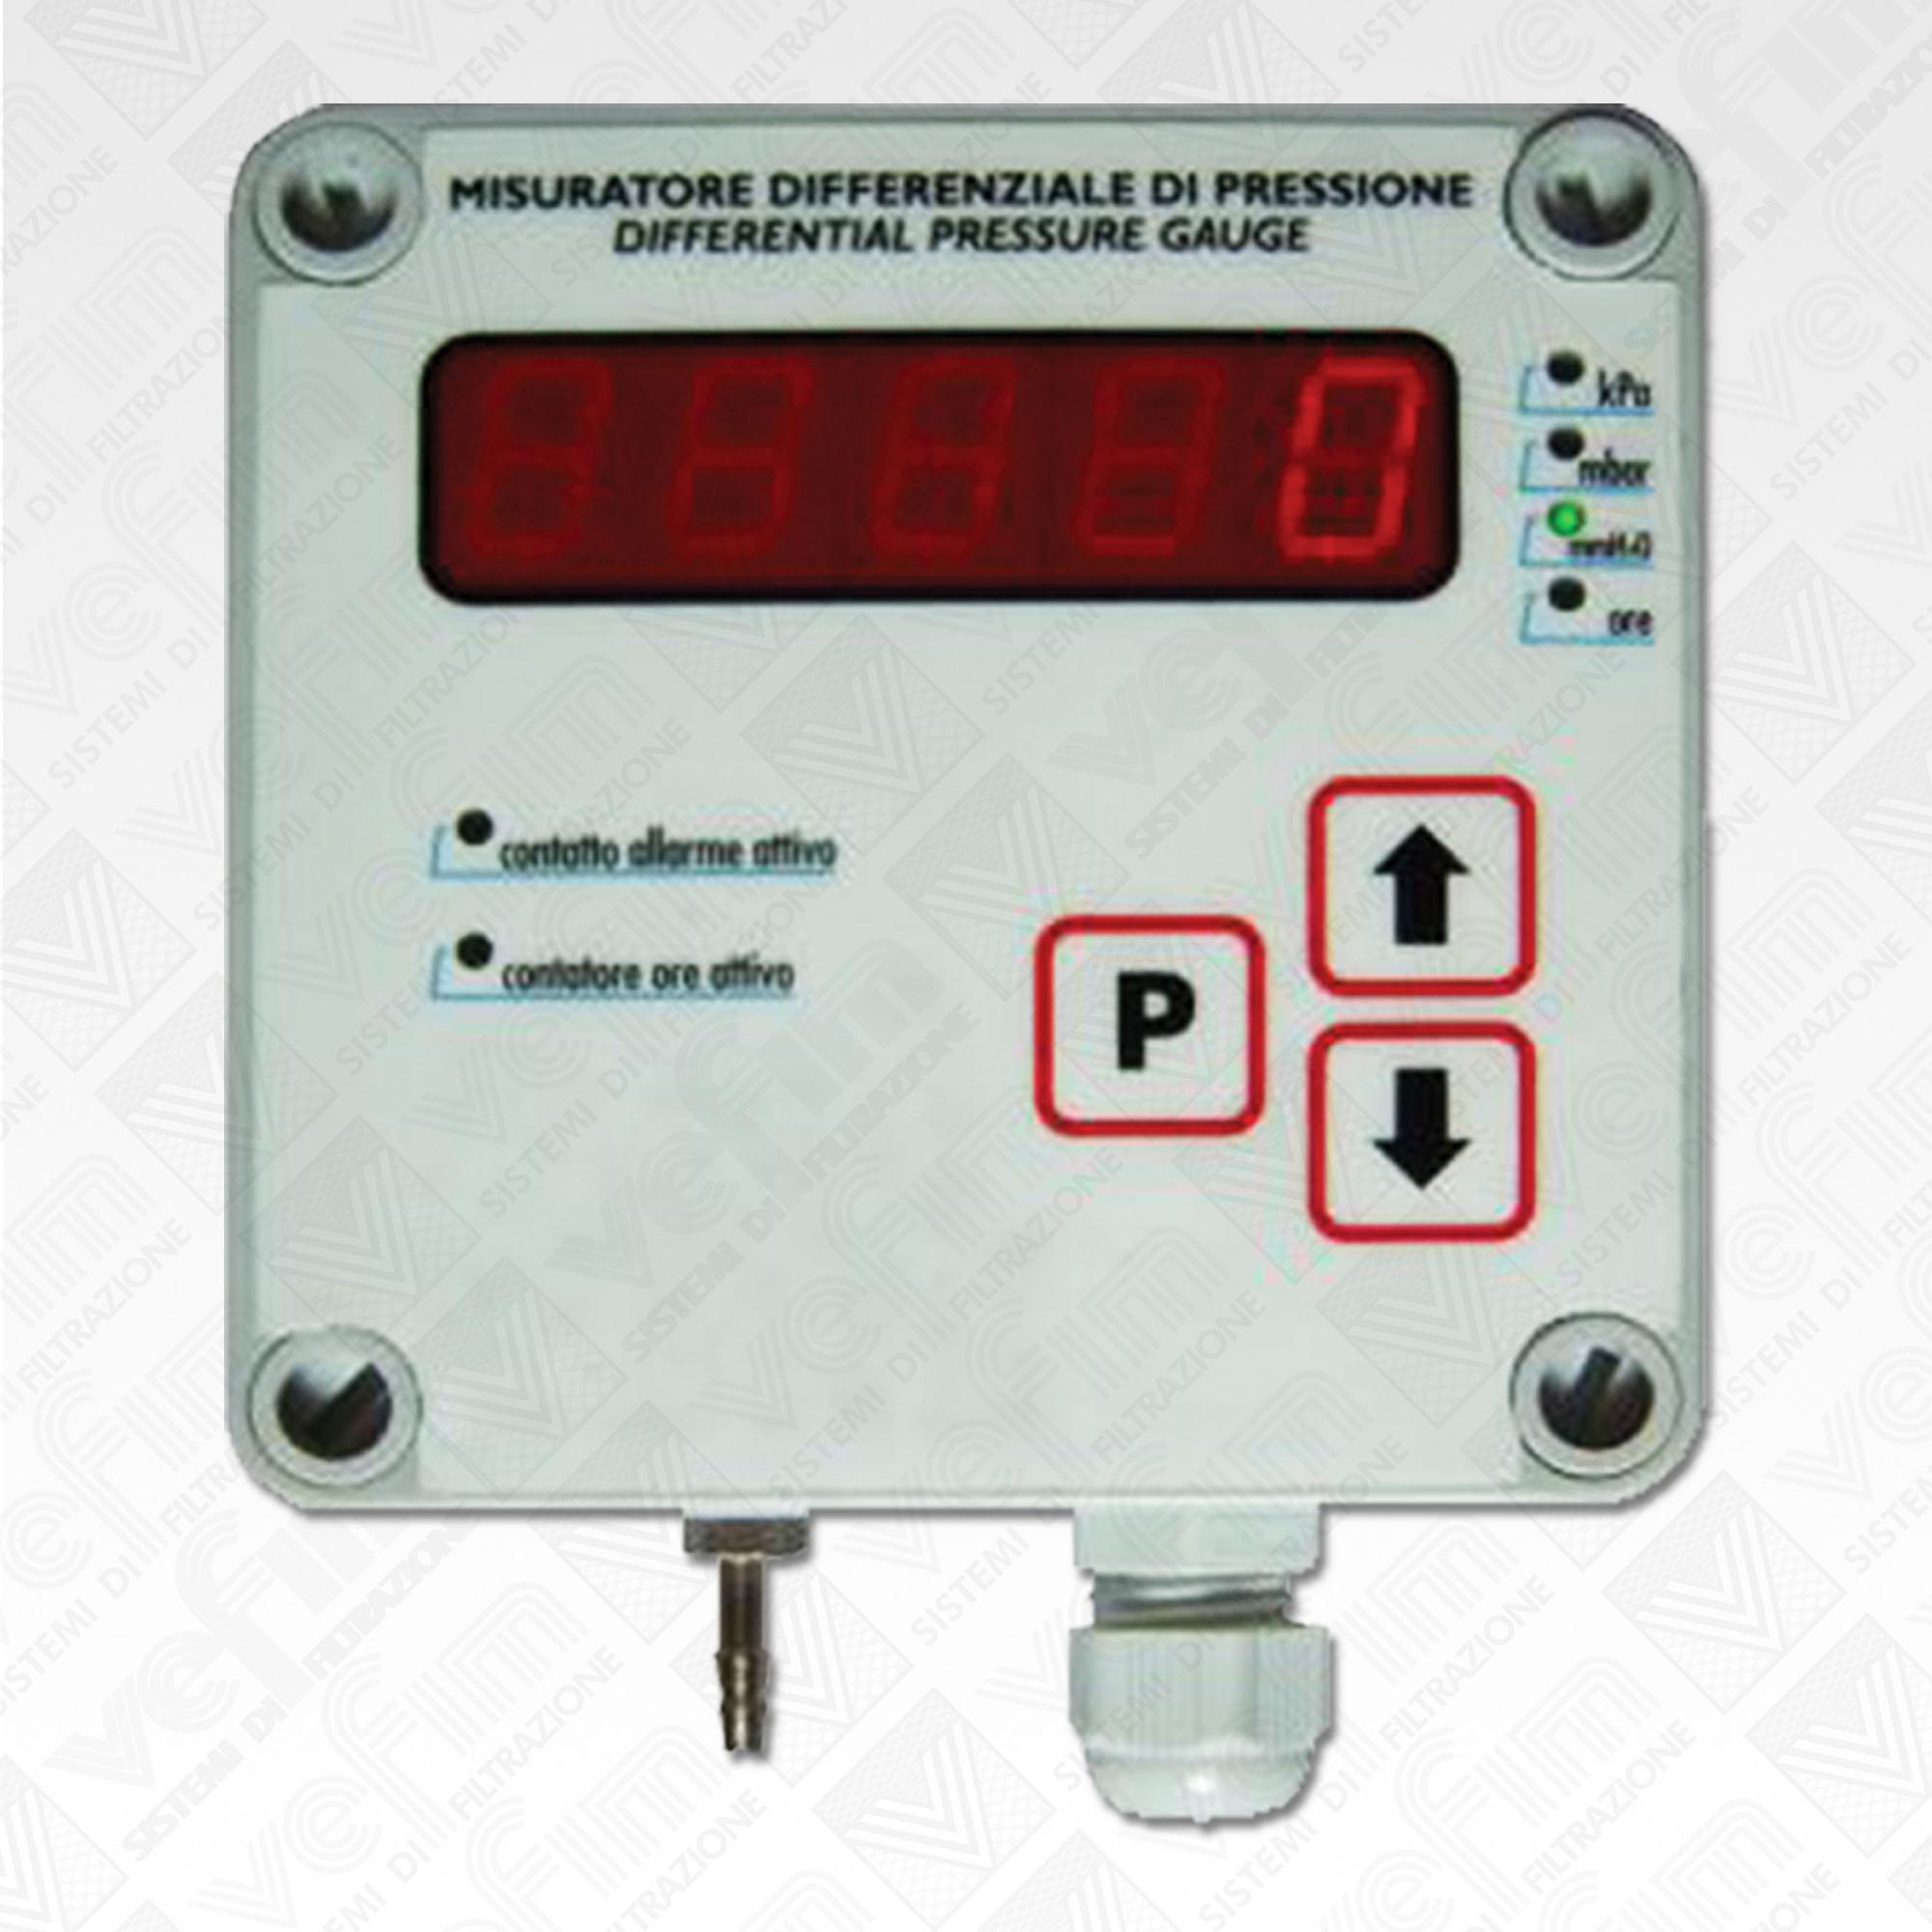 Vefim pressostati differenziali sistemi di filtrazione for Hd esterno non rilevato